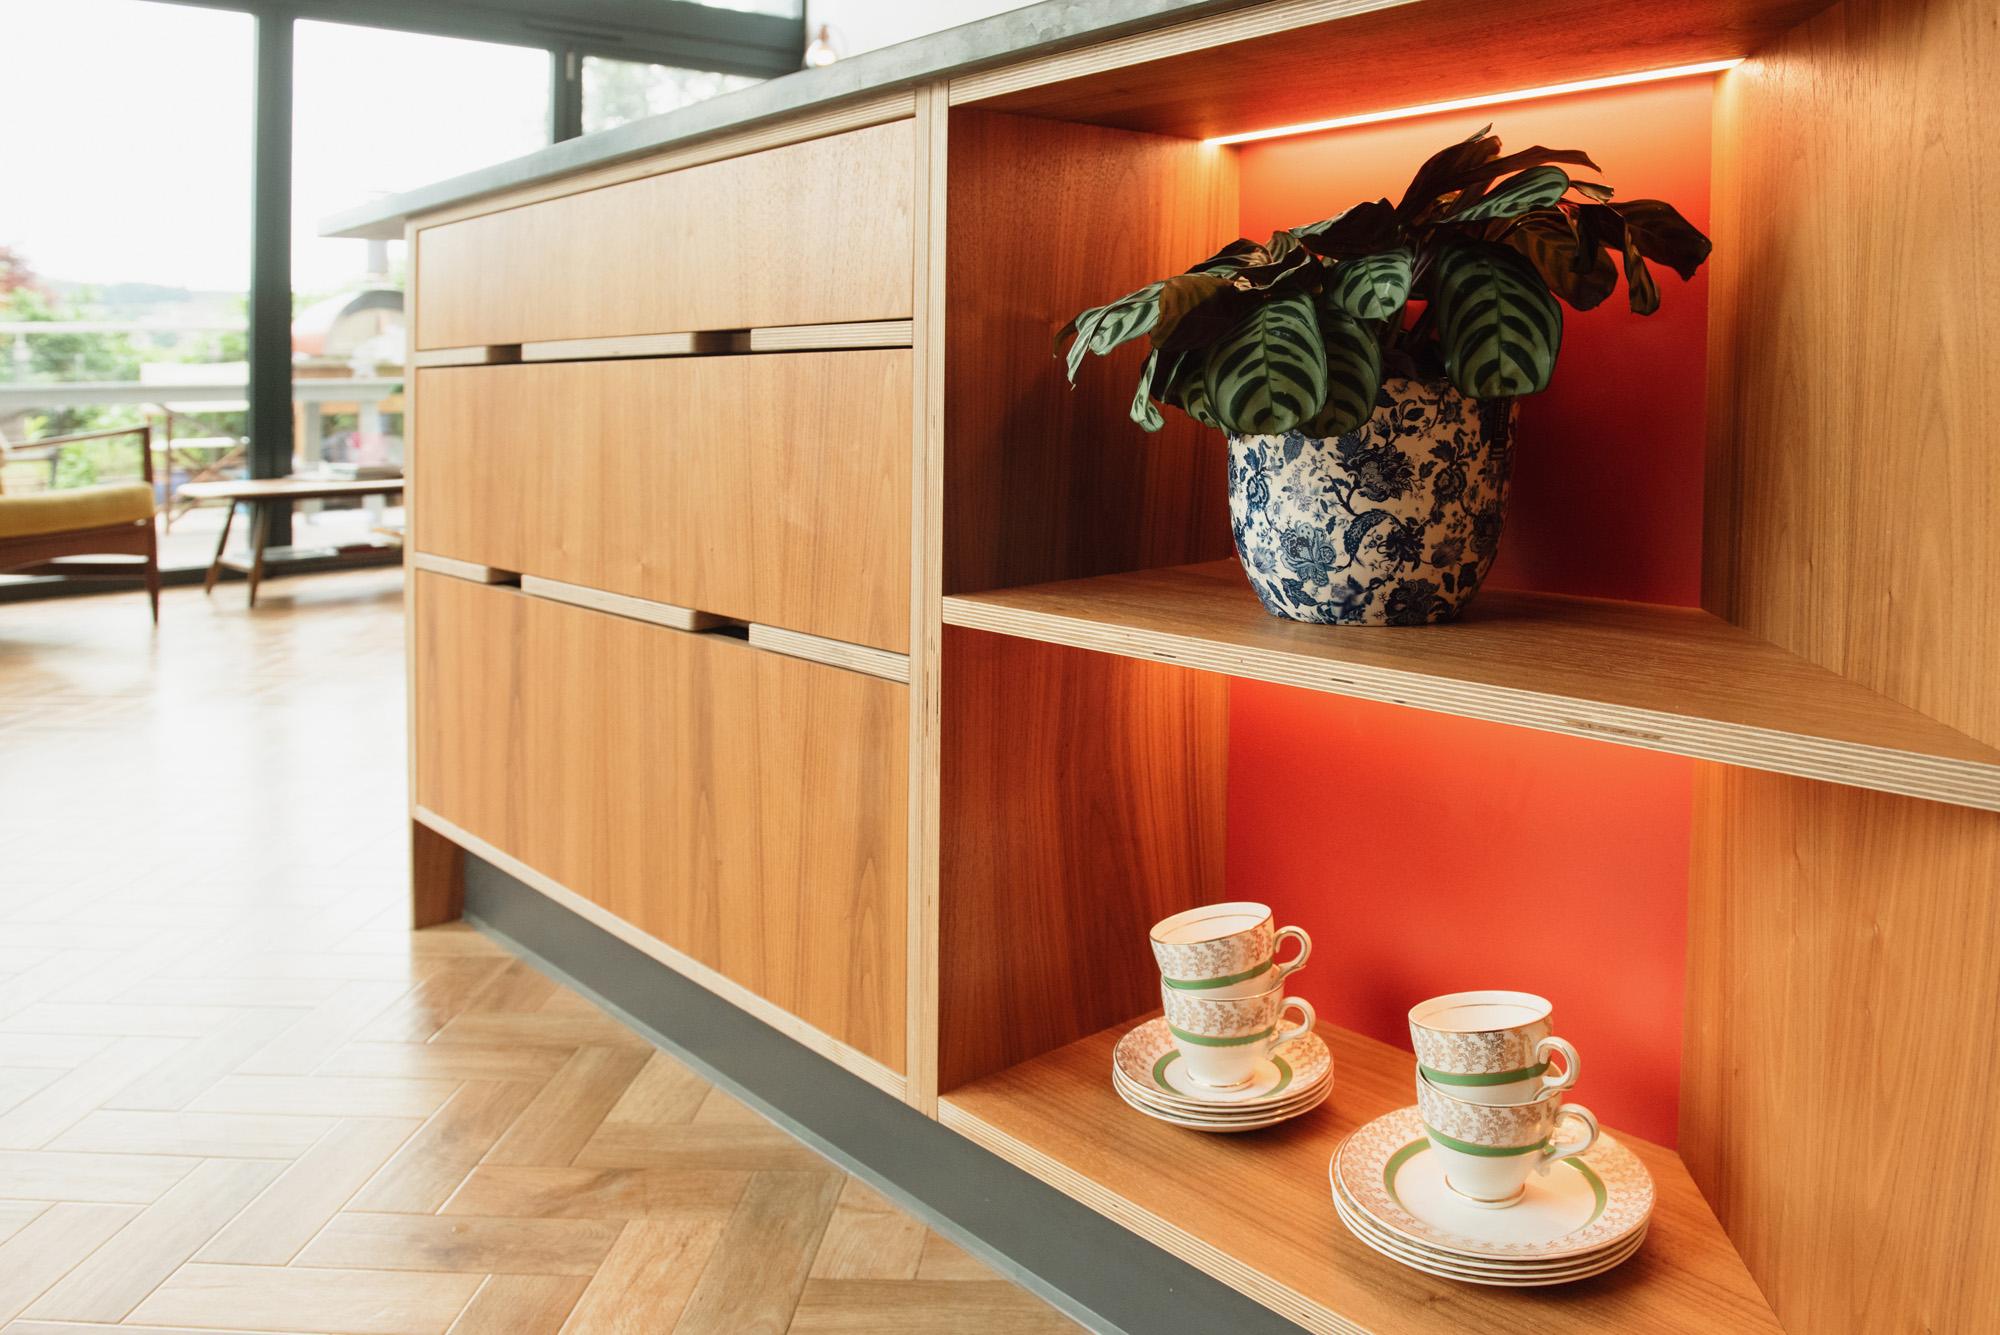 walnut veneered open shelving and drawers